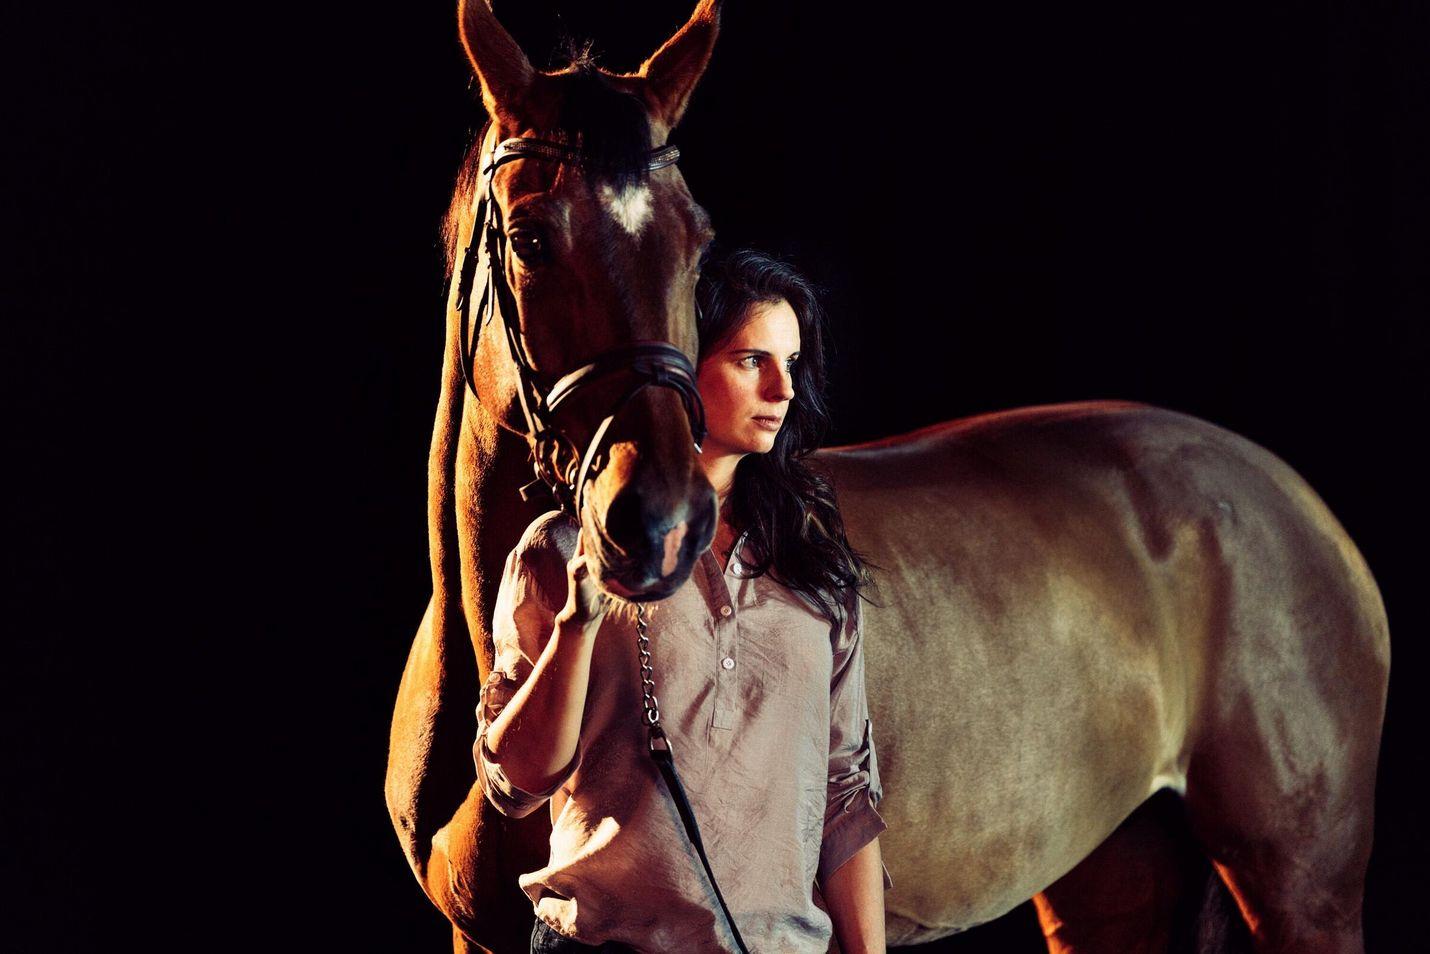 Jaanan (Olga Temonen) elämää ovat hevoset ja lapset, kunnes vakava onnettomuus vie kaikelta pohjan.